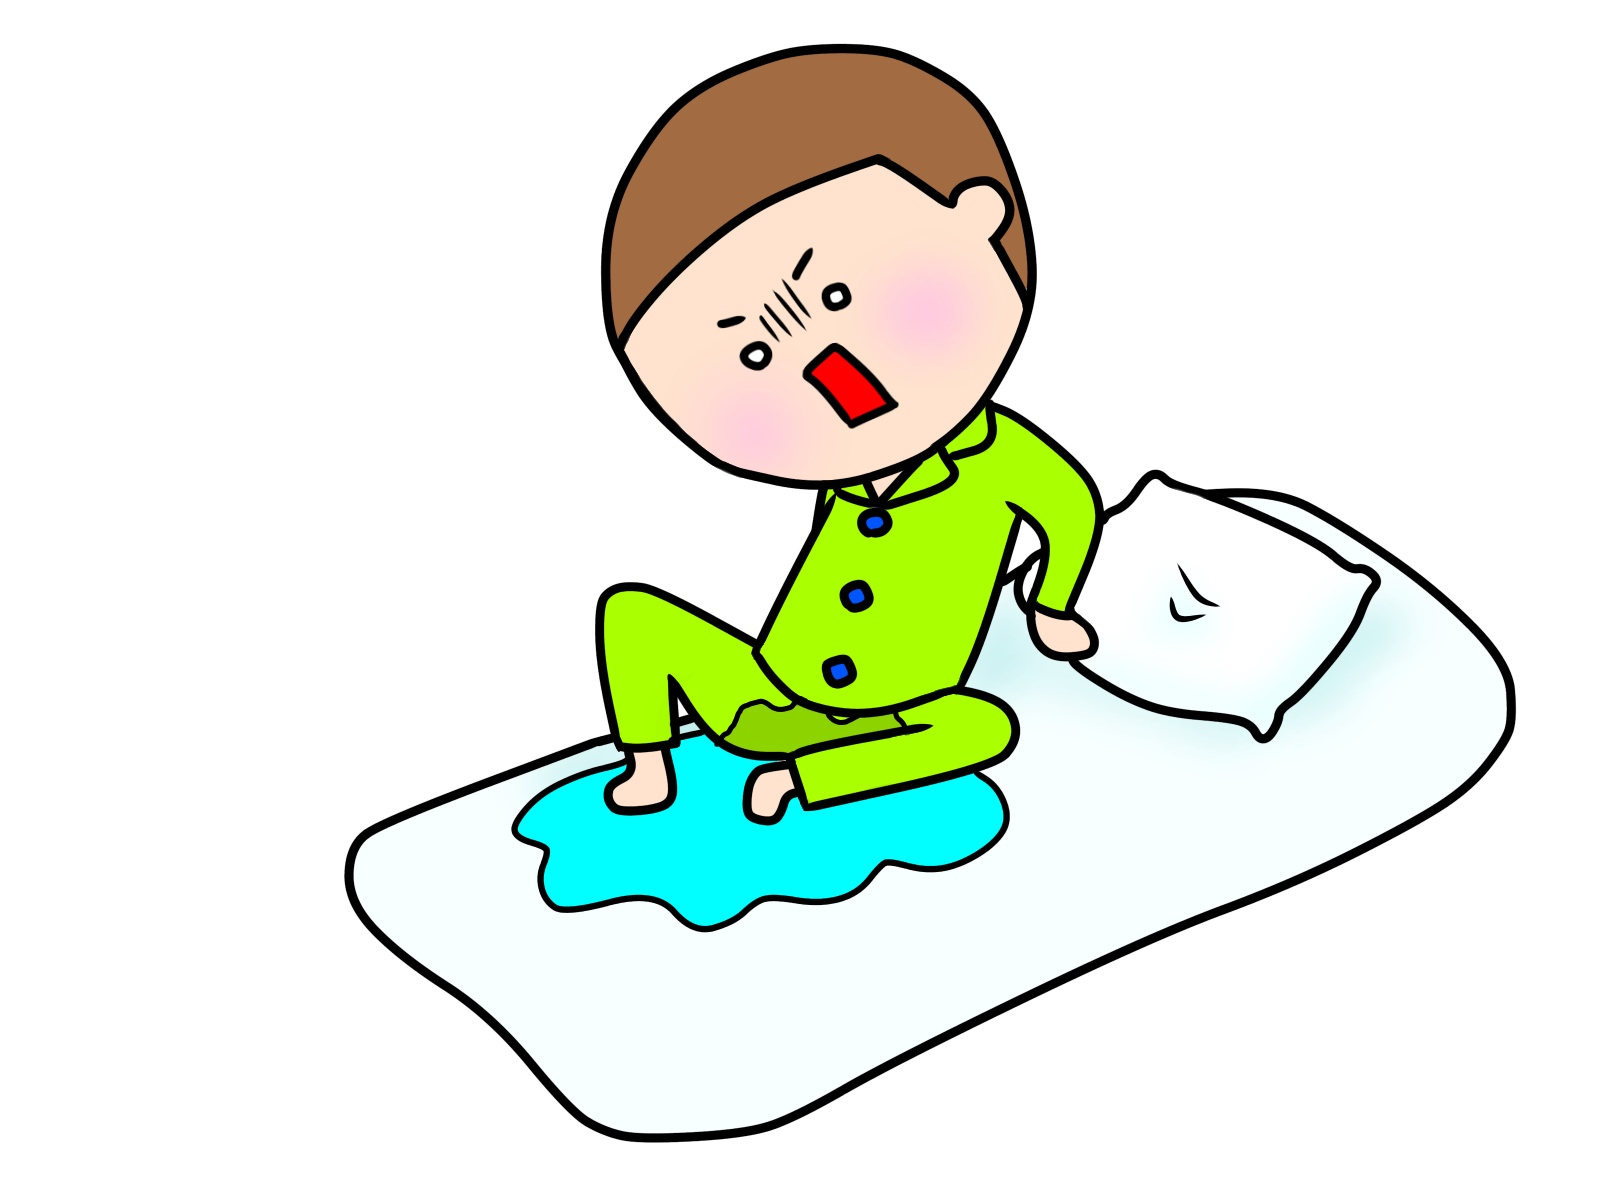 サインバルタ(抗鬱剤)の副作用によりお漏らしが止まらない。オムツを使用